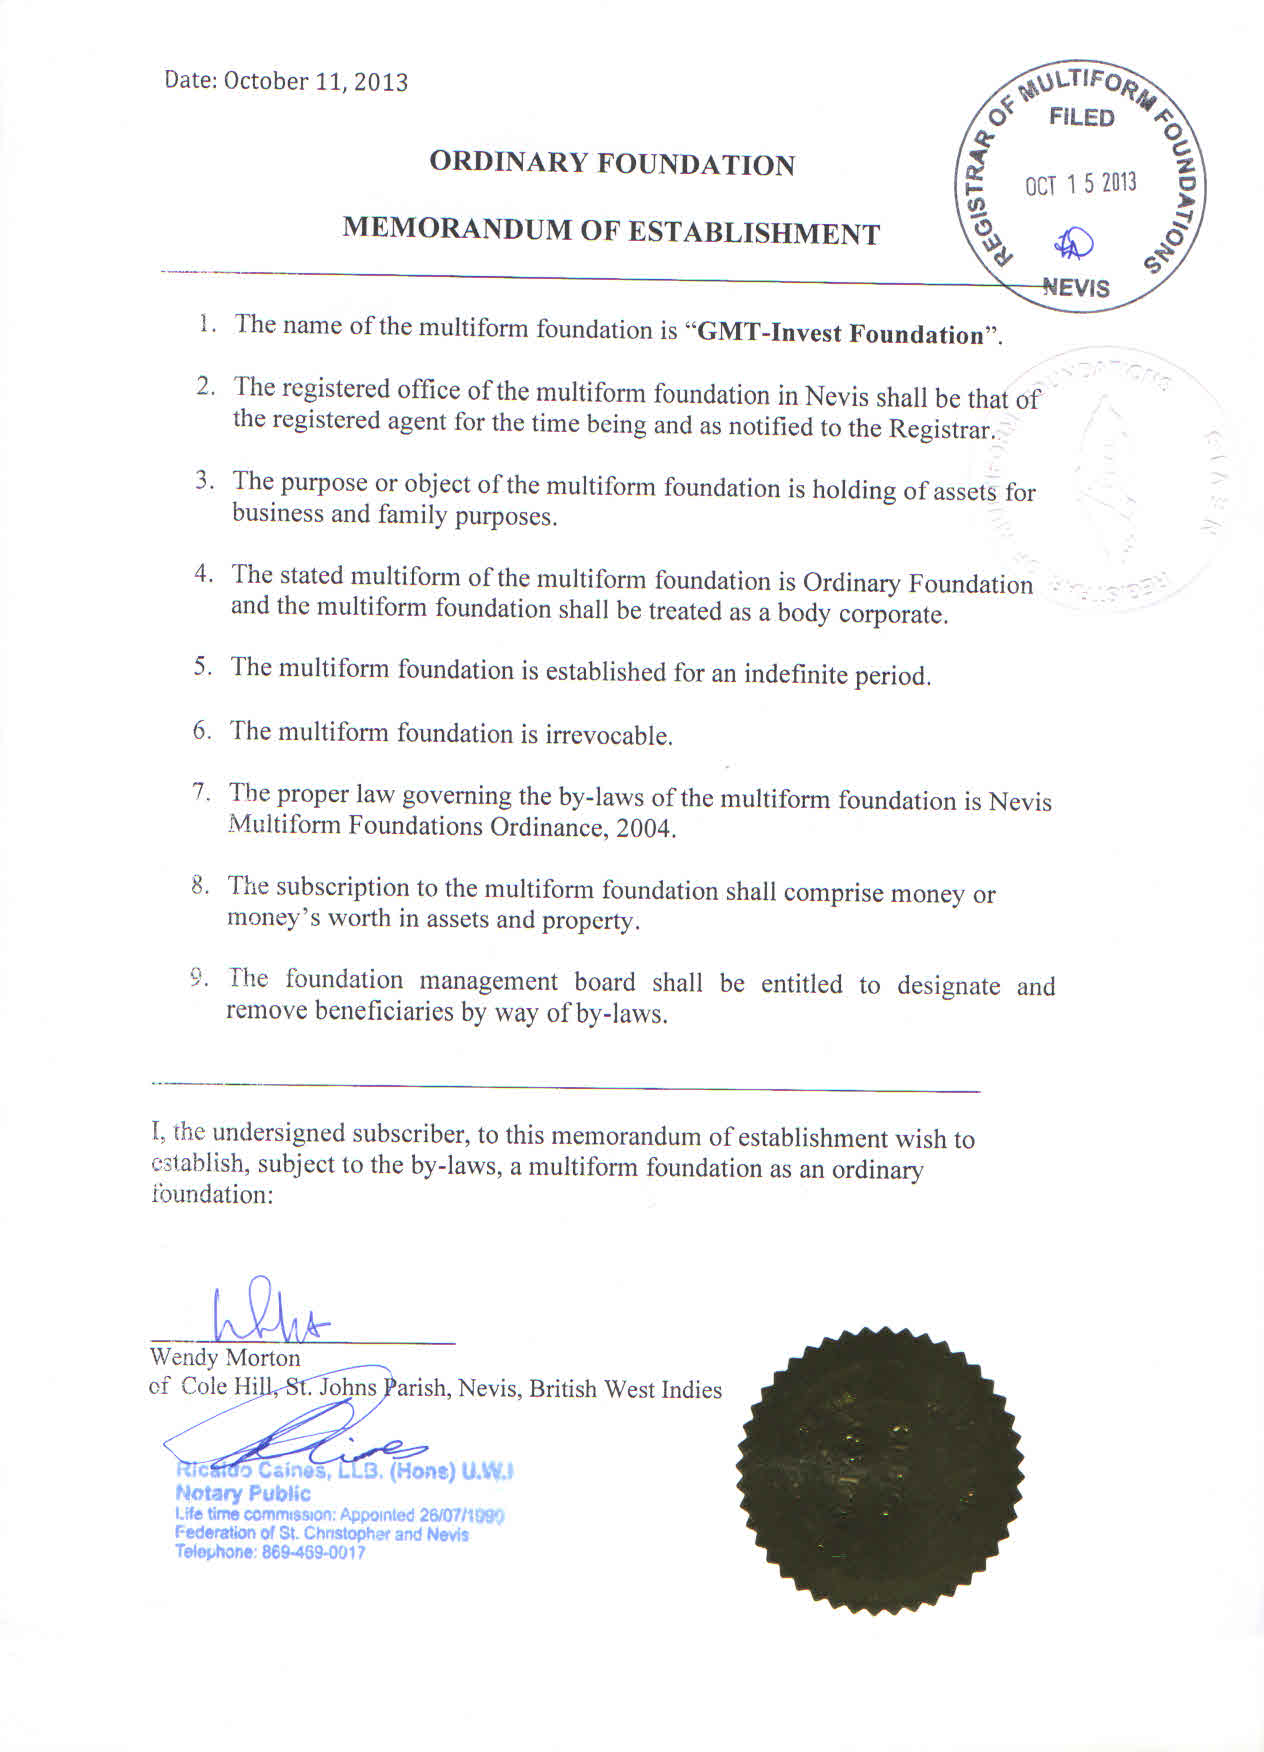 Подписанный меморандум часть 1